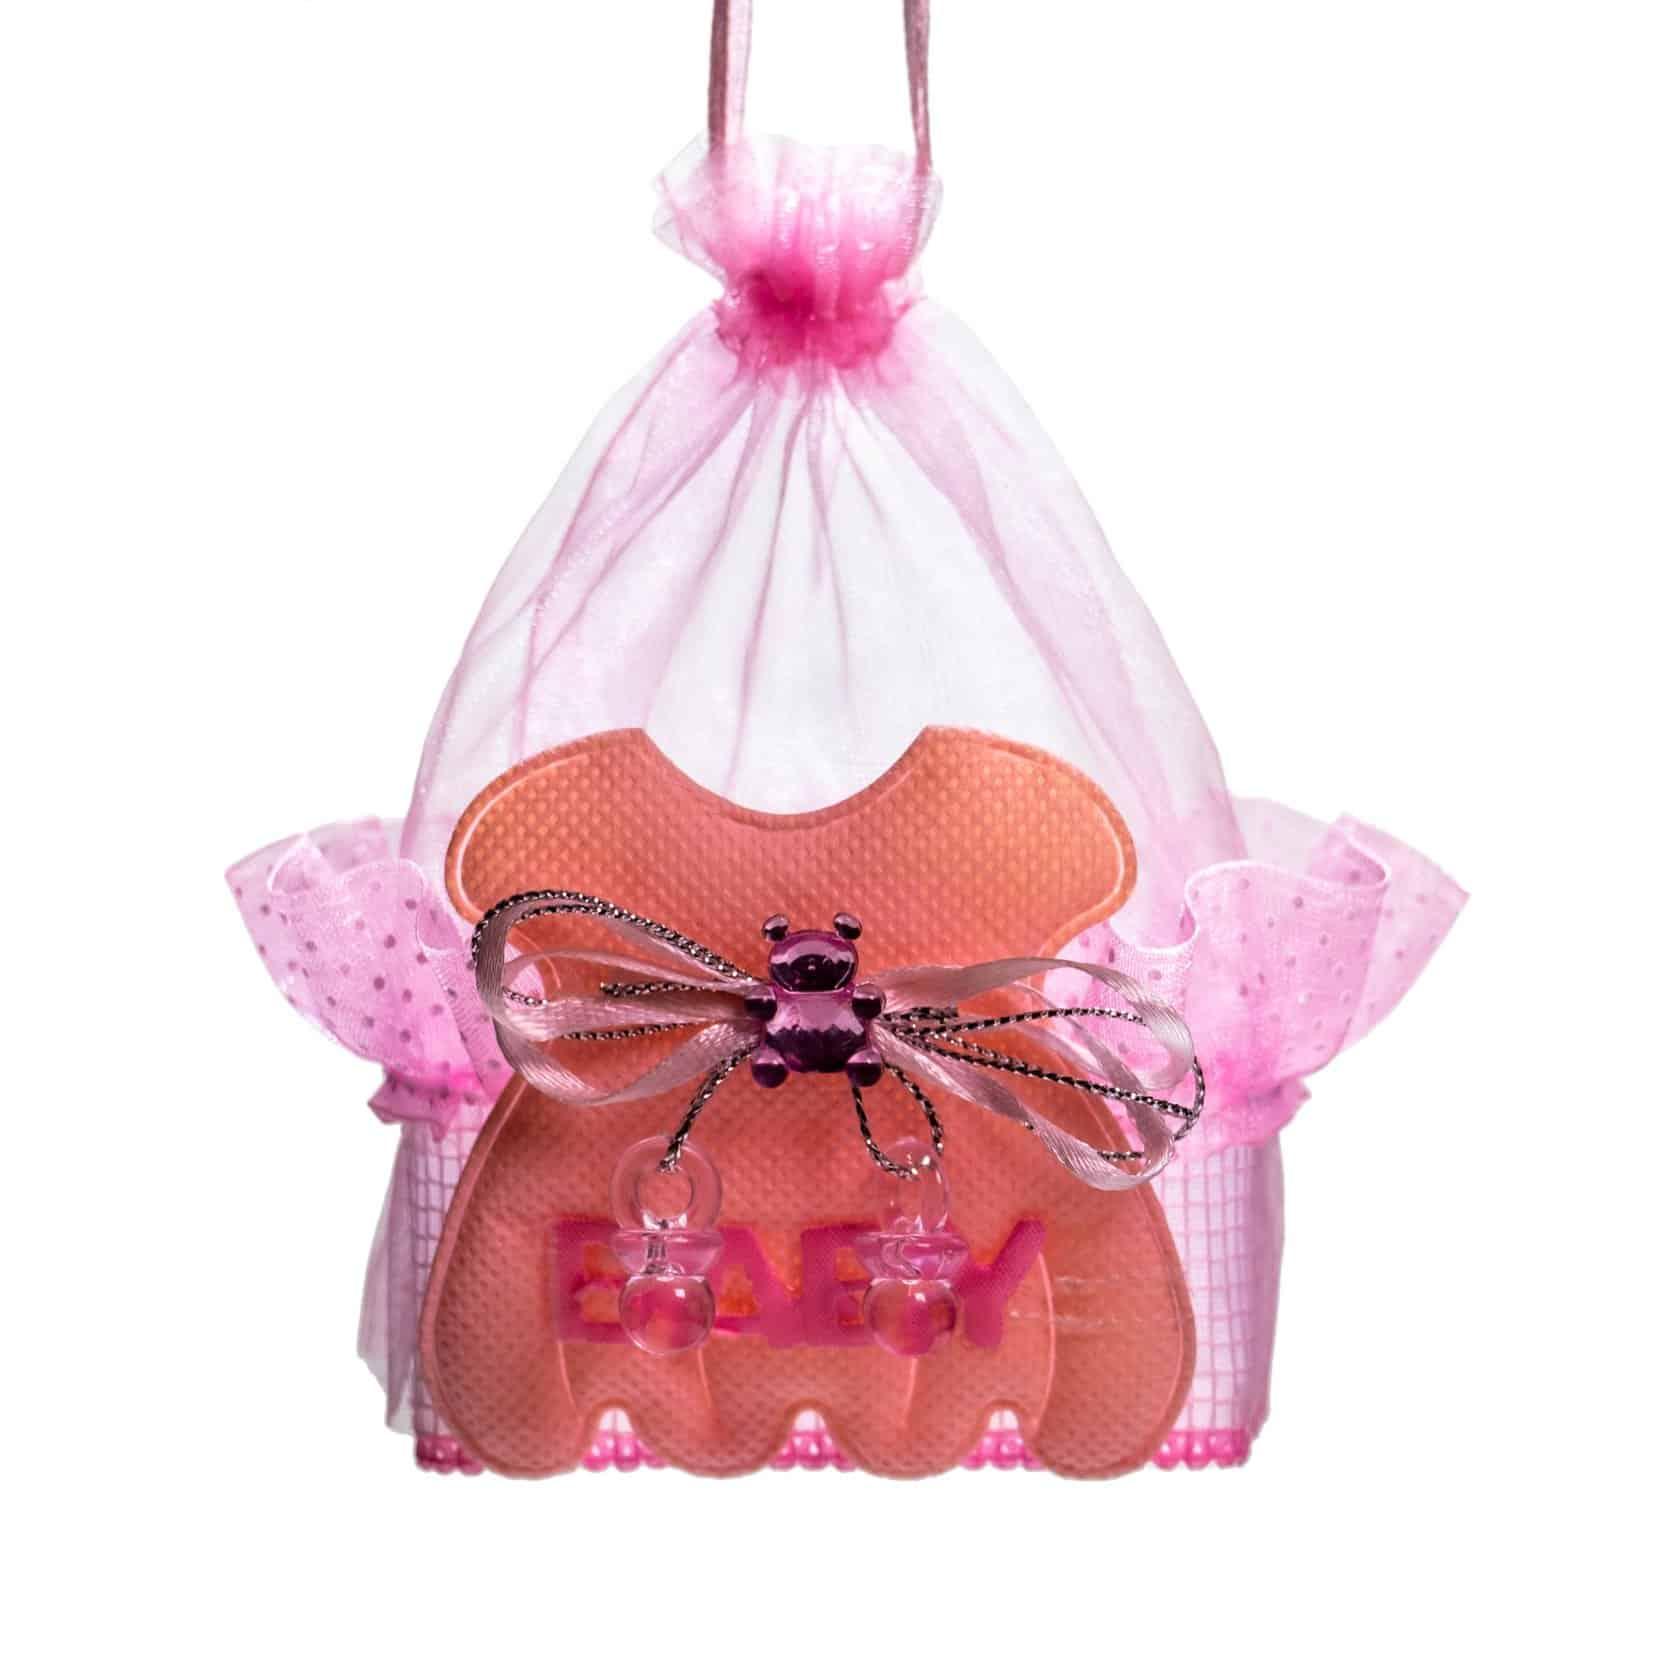 petite berceuse pour bébé de couleur orange dans un filet rose